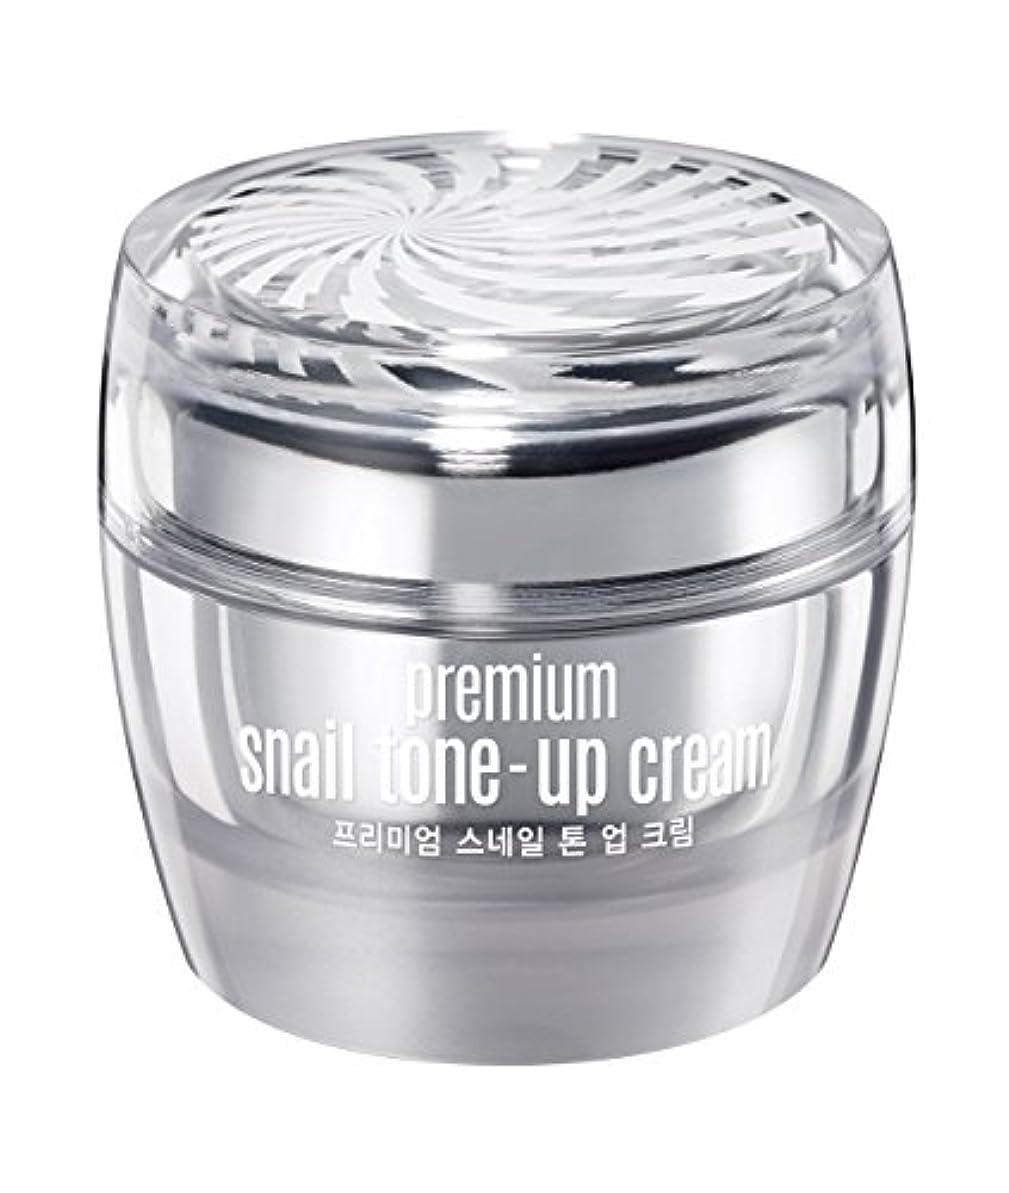 知覚的偽造寝具Goodal Premium Snail Tone Up Whitening Cream 50ml プレミアムカタツムリトーンアップクリーム